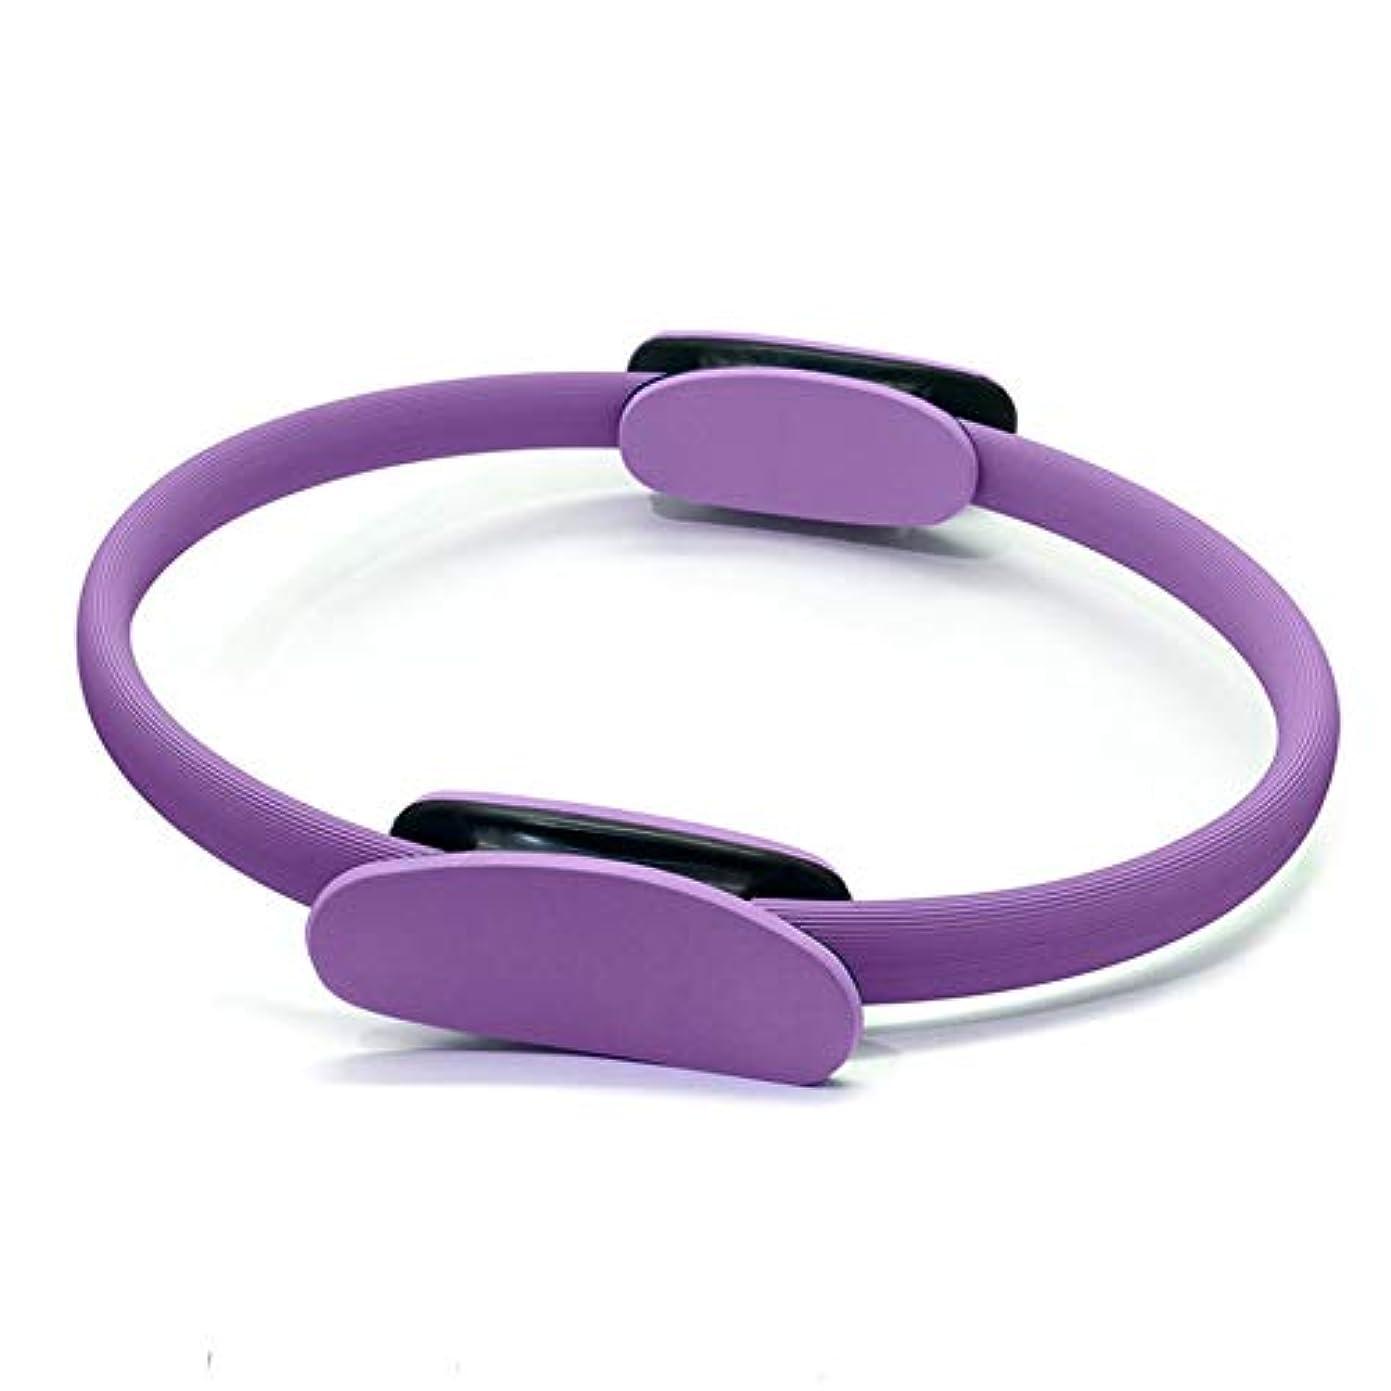 温かい希少性レンチポータブルサイズ38センチヨガレジスタンスリング軽量痩身マジックサークル太もも抵抗レジスタンスヨガリングトレーニングツール